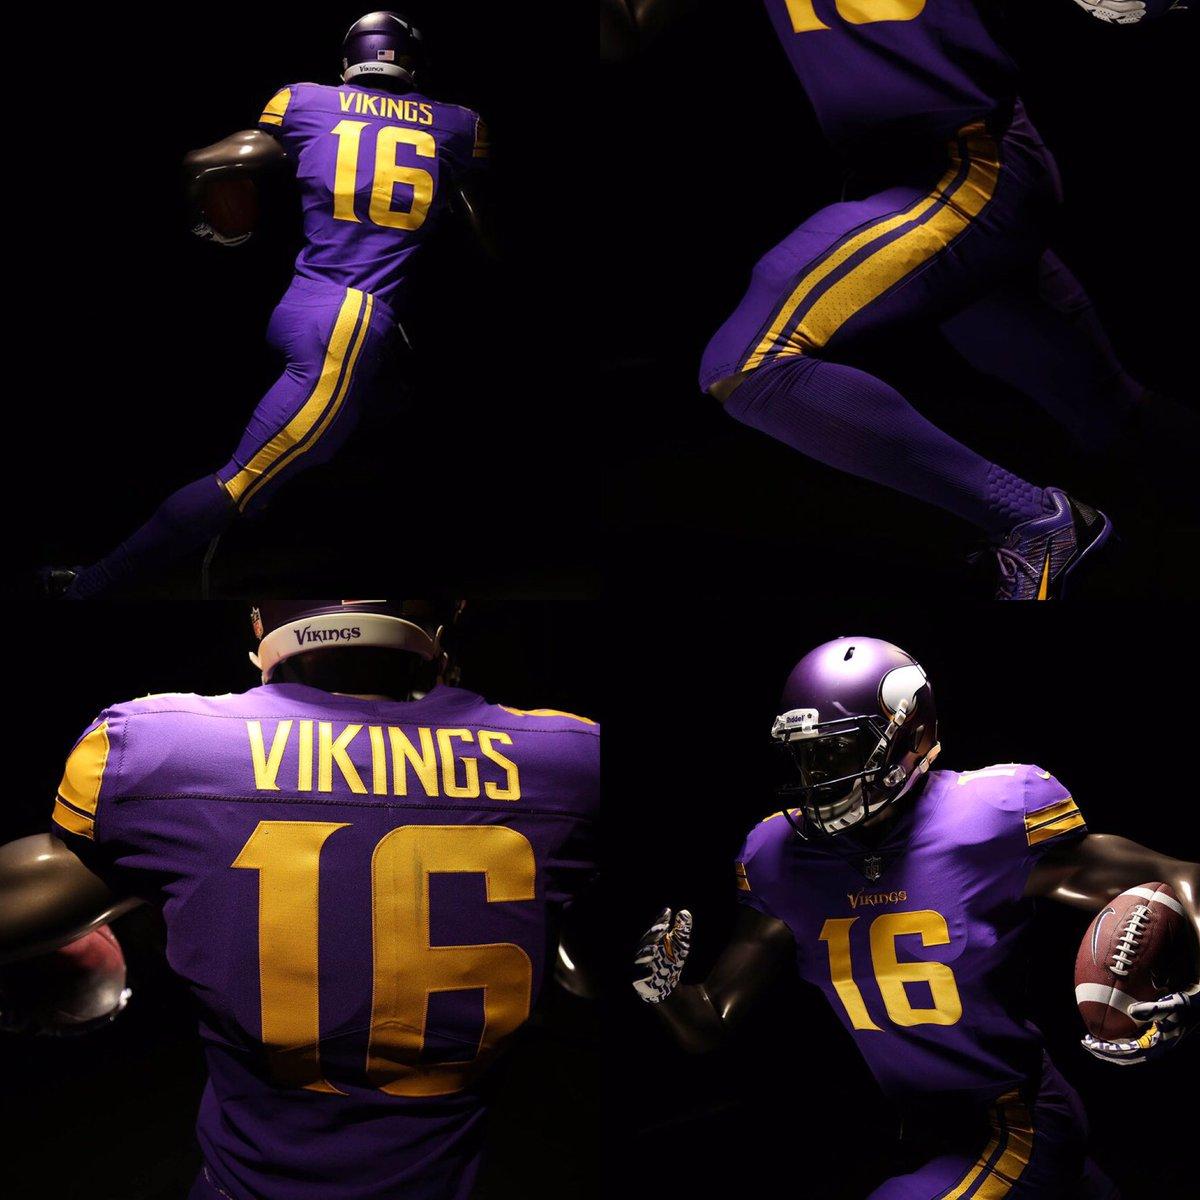 minnesota vikings color rush jersey